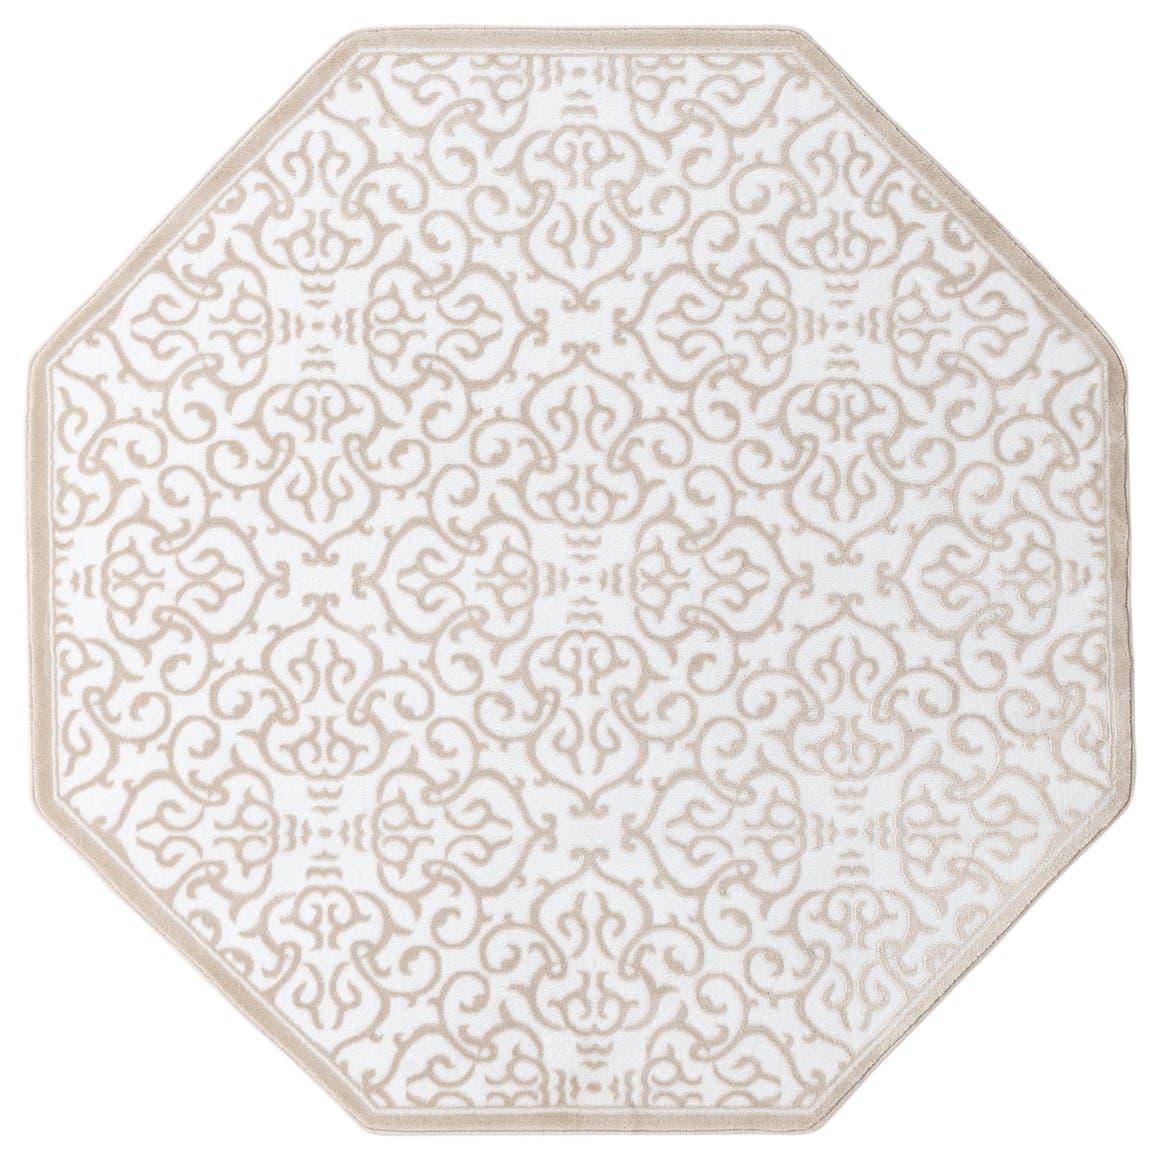 6' x 6' Himalaya Octagon Rug main image